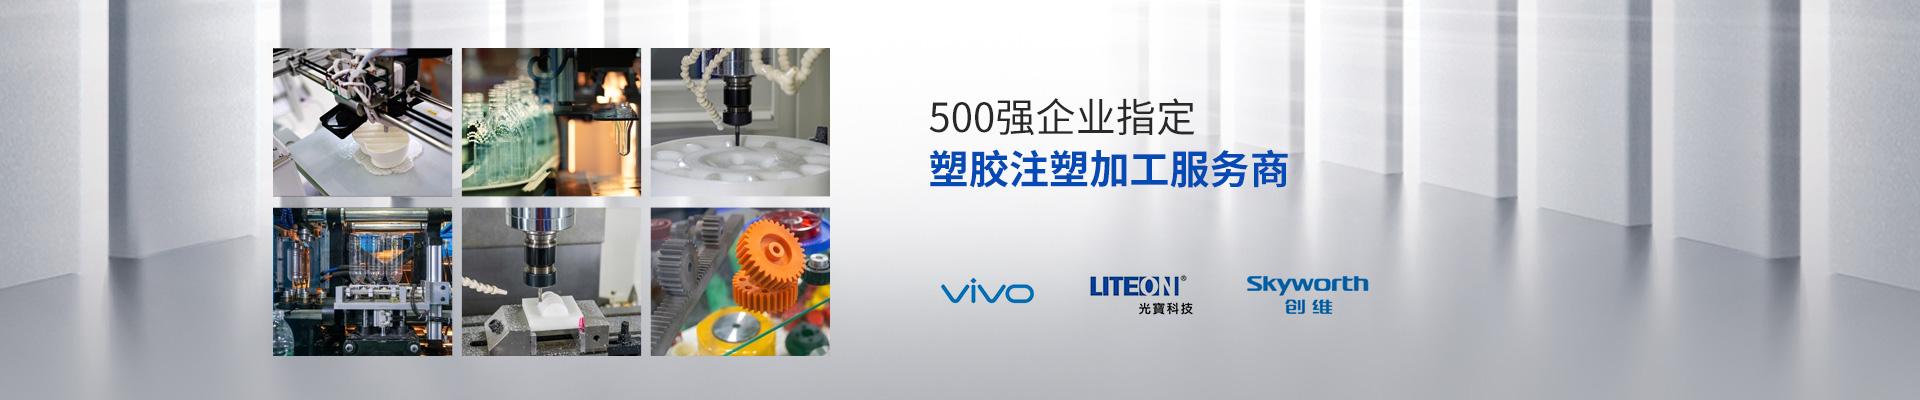 立新塑胶-500强企业指定塑胶注塑加工服务商